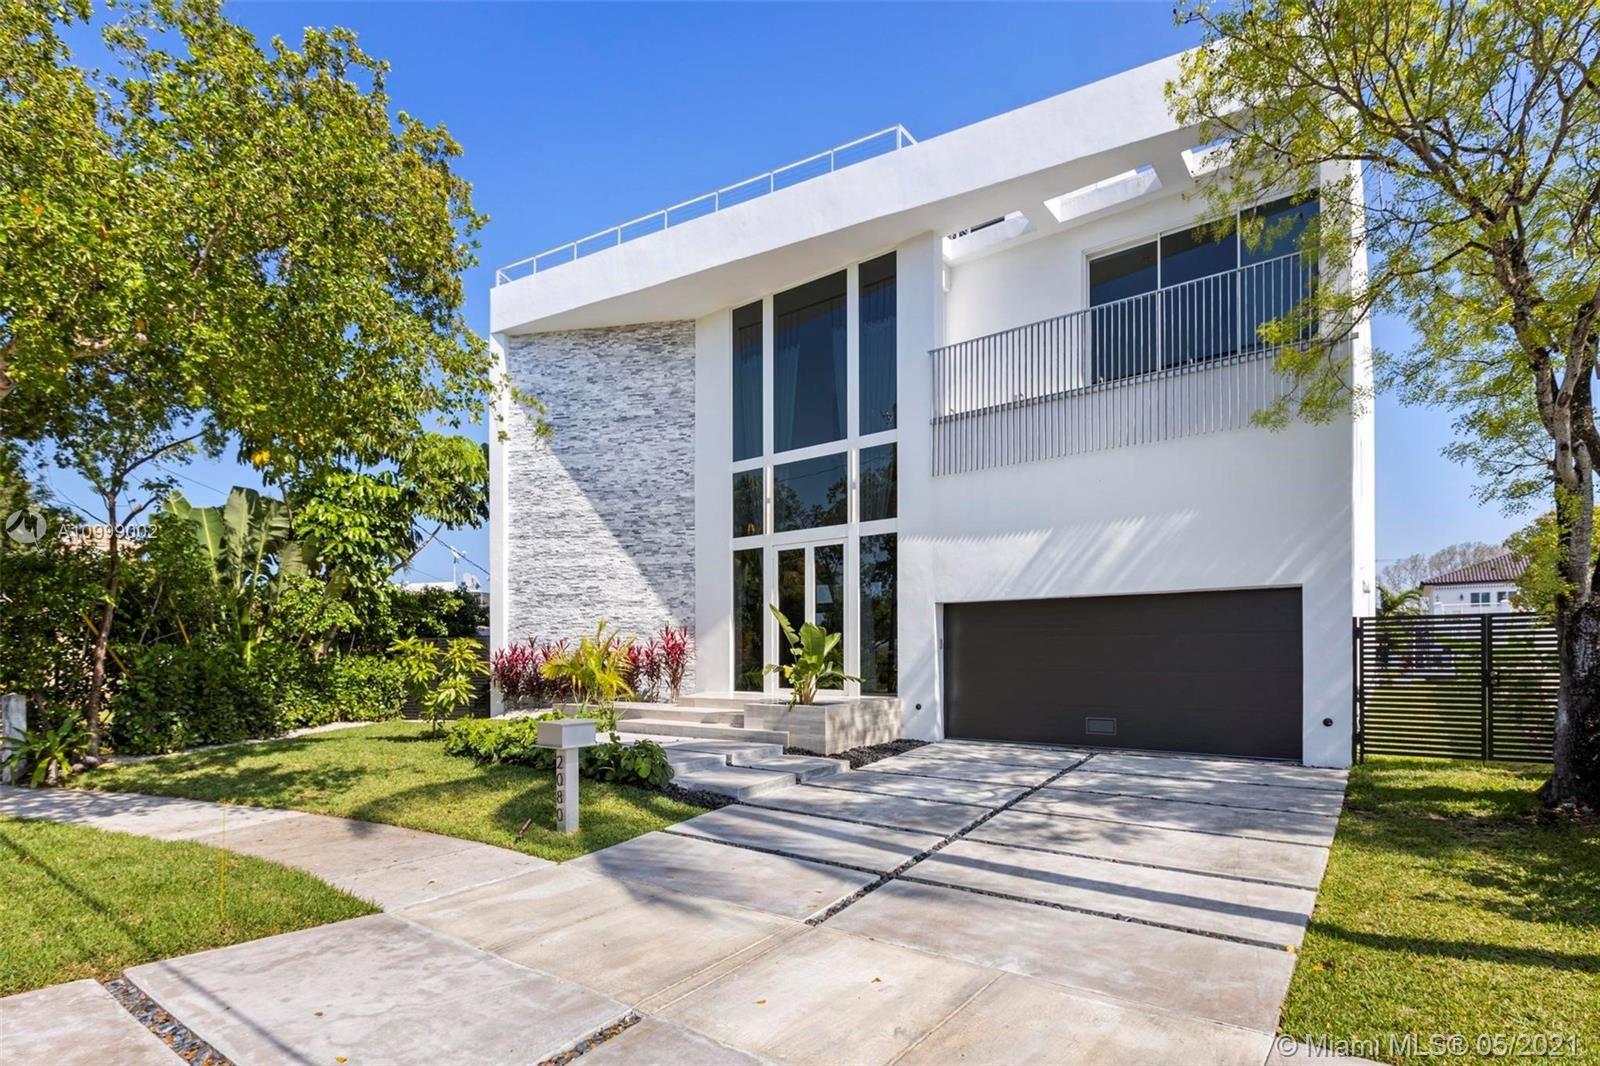 2080 S Hibiscus Dr, North Miami, FL 33181 - #: A10999002